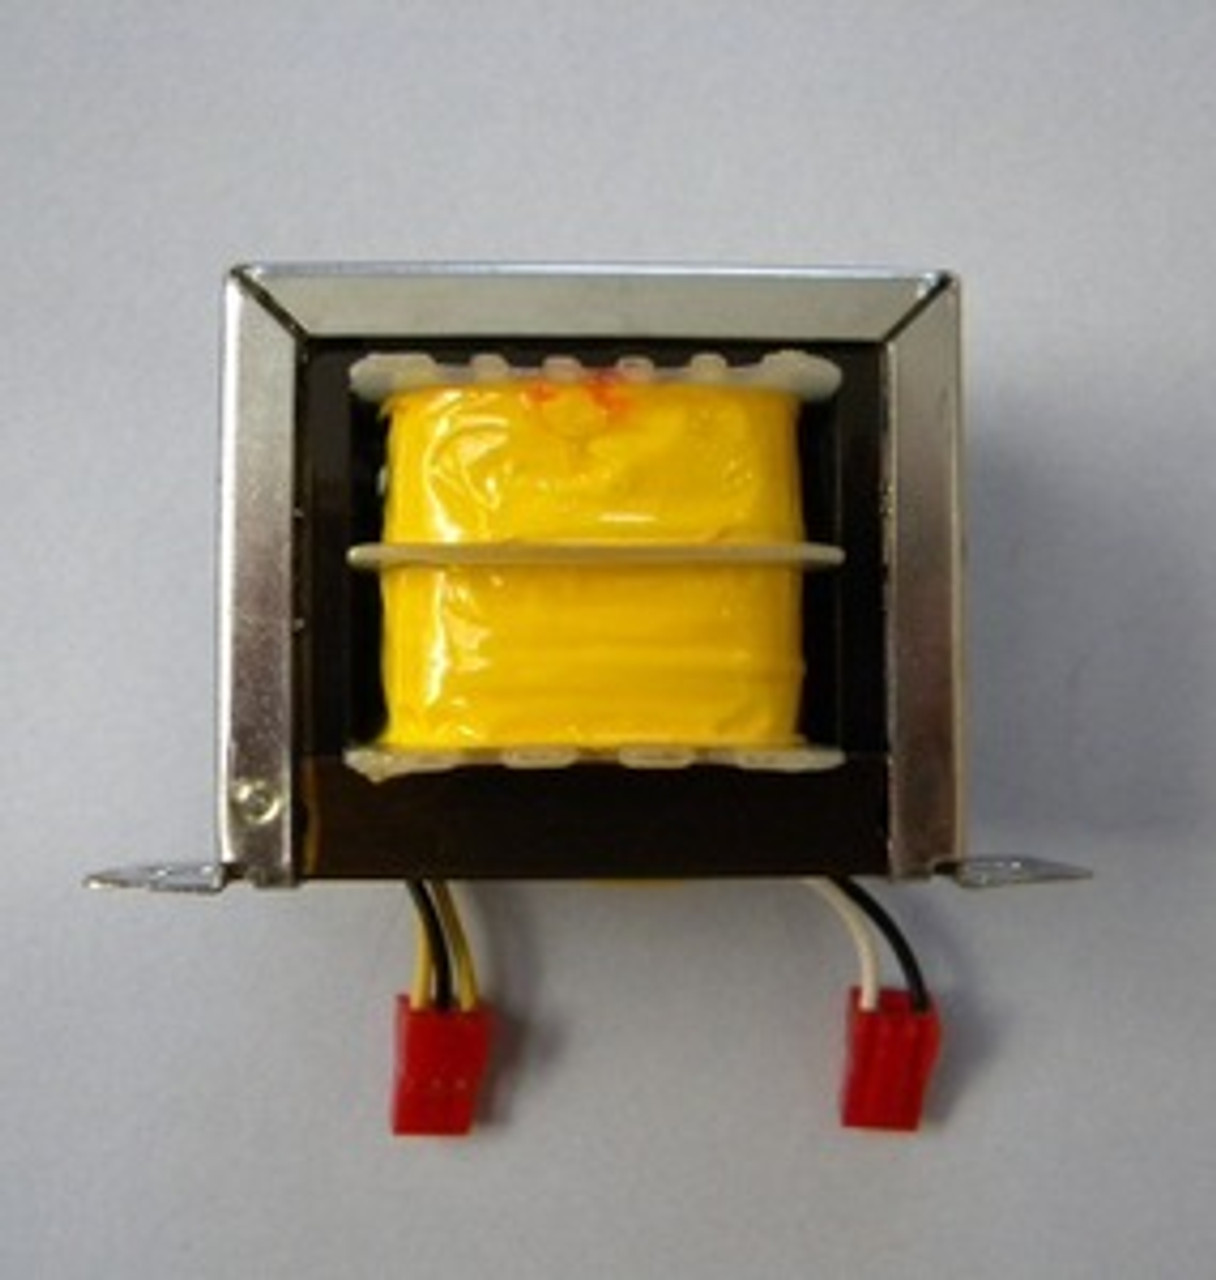 Treadmill Transformer Part Number 209967